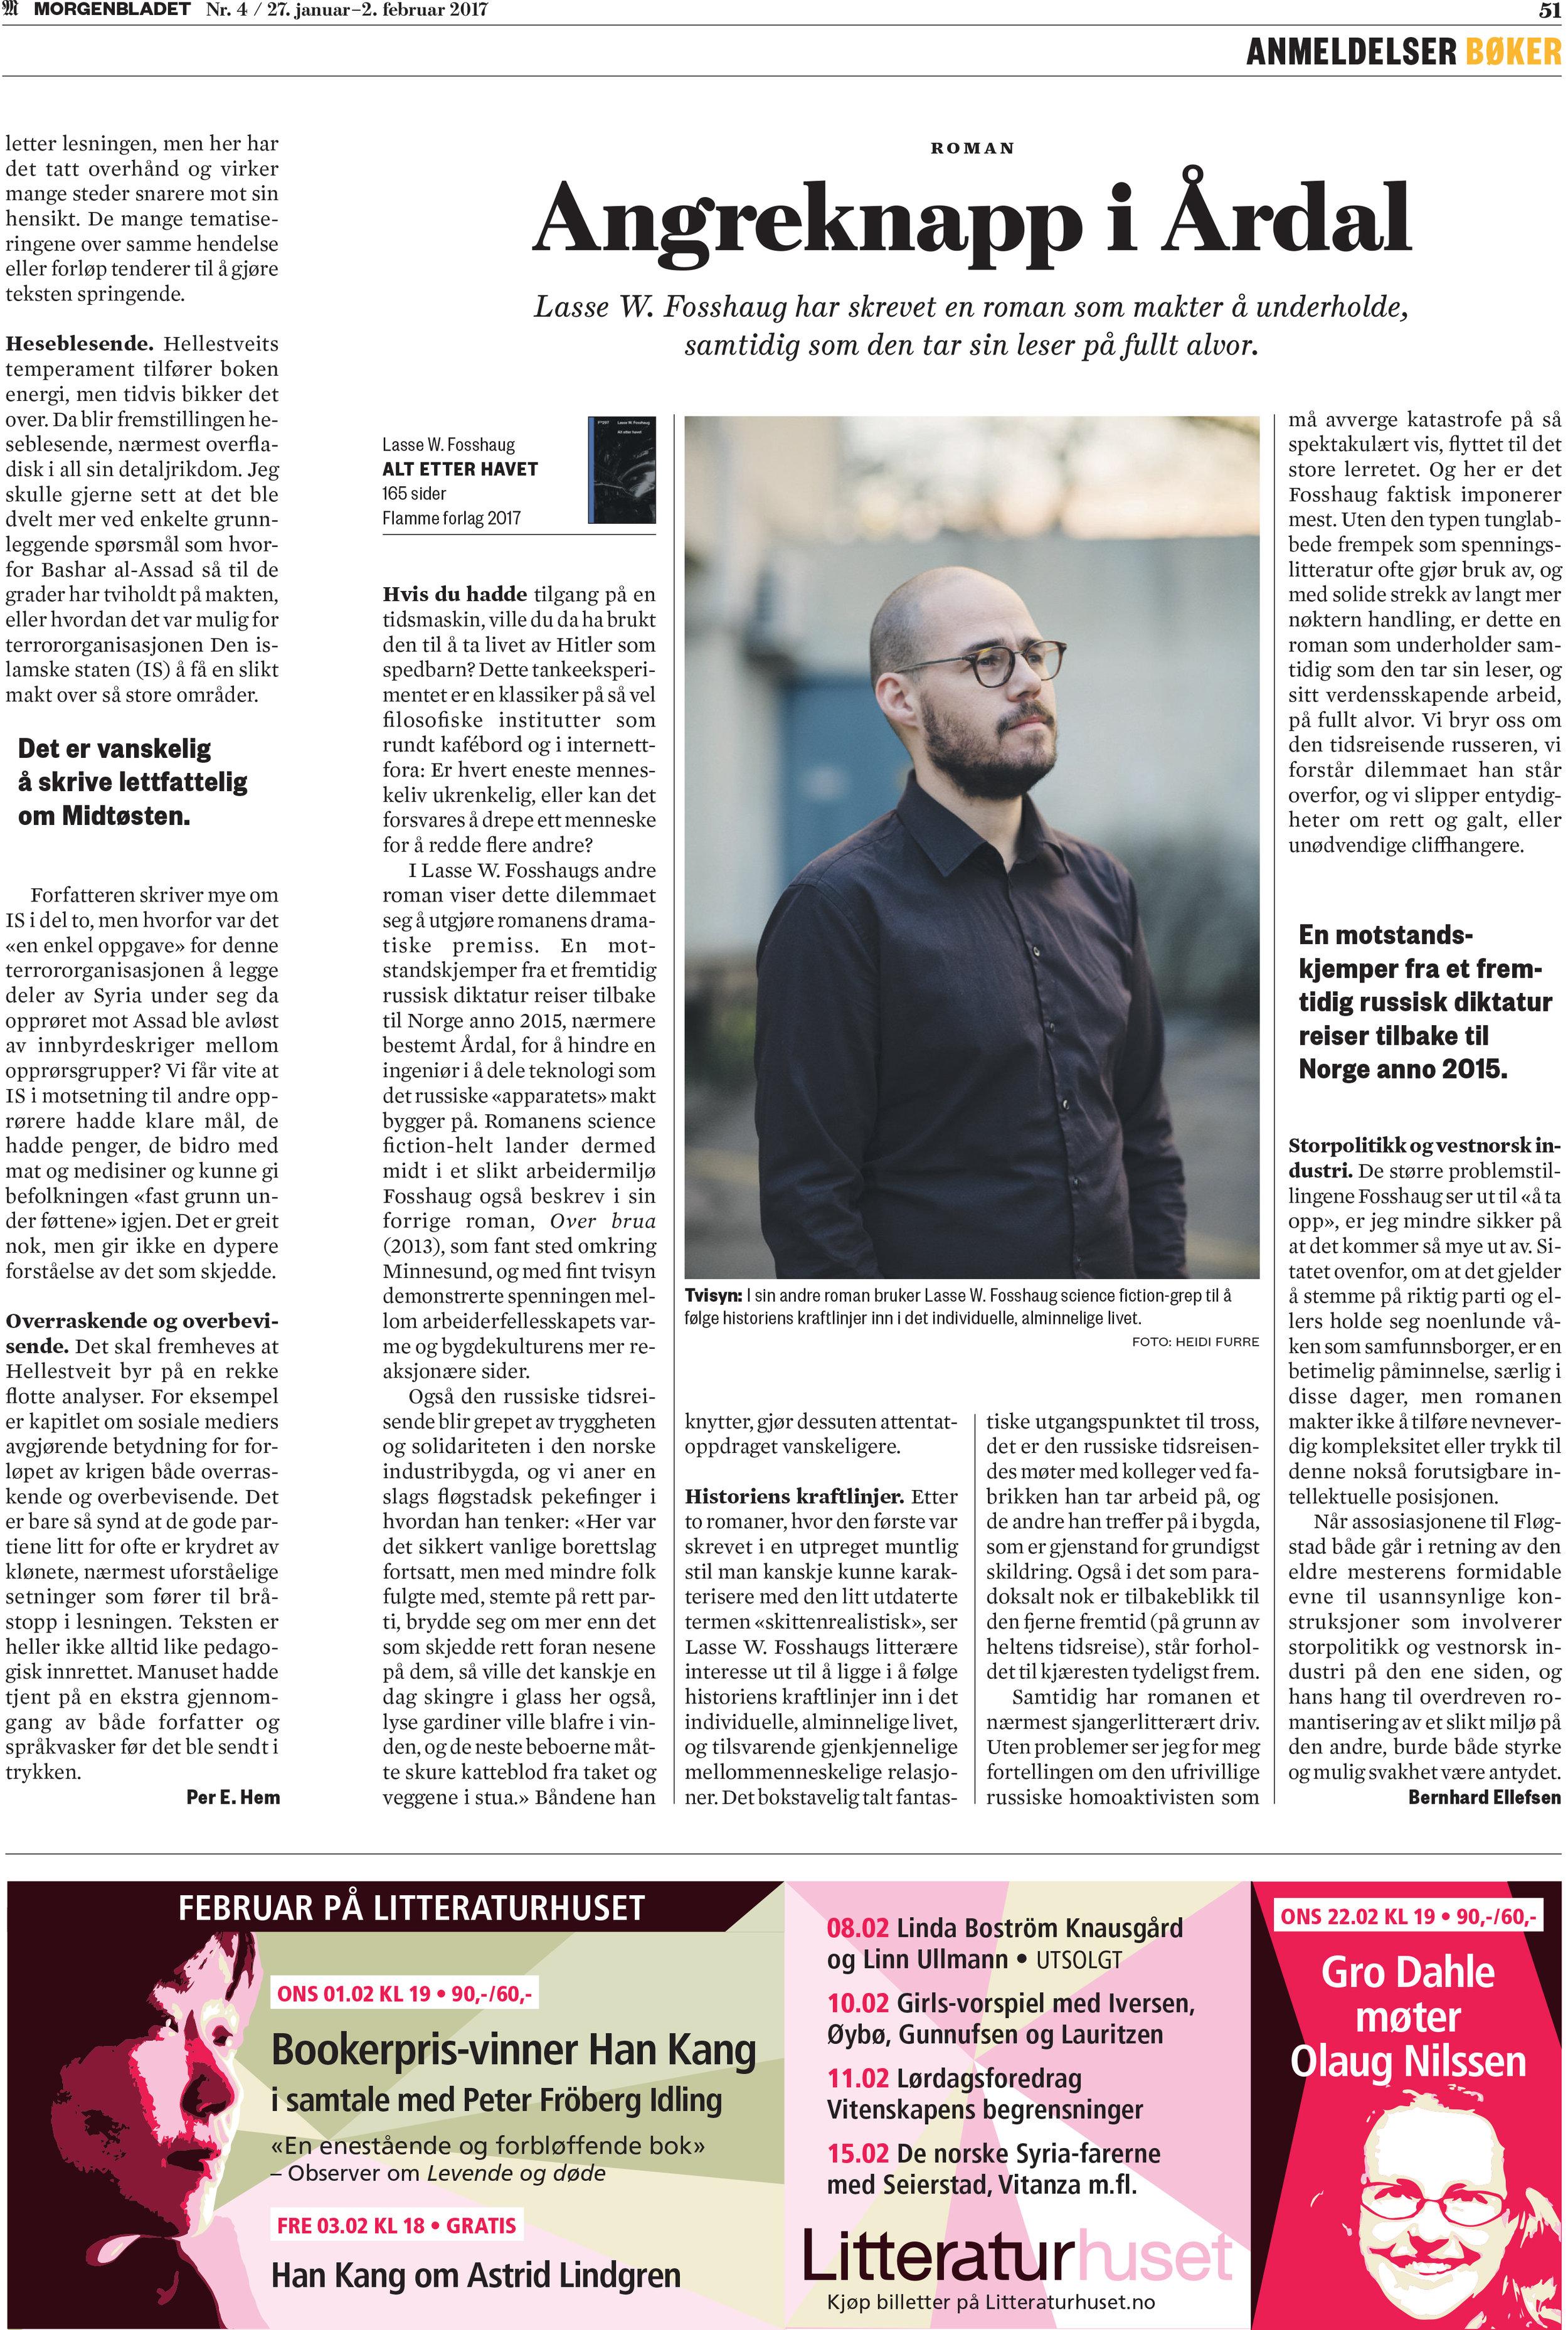 Faksimile fra Morgenbladet 27. januar 2017.